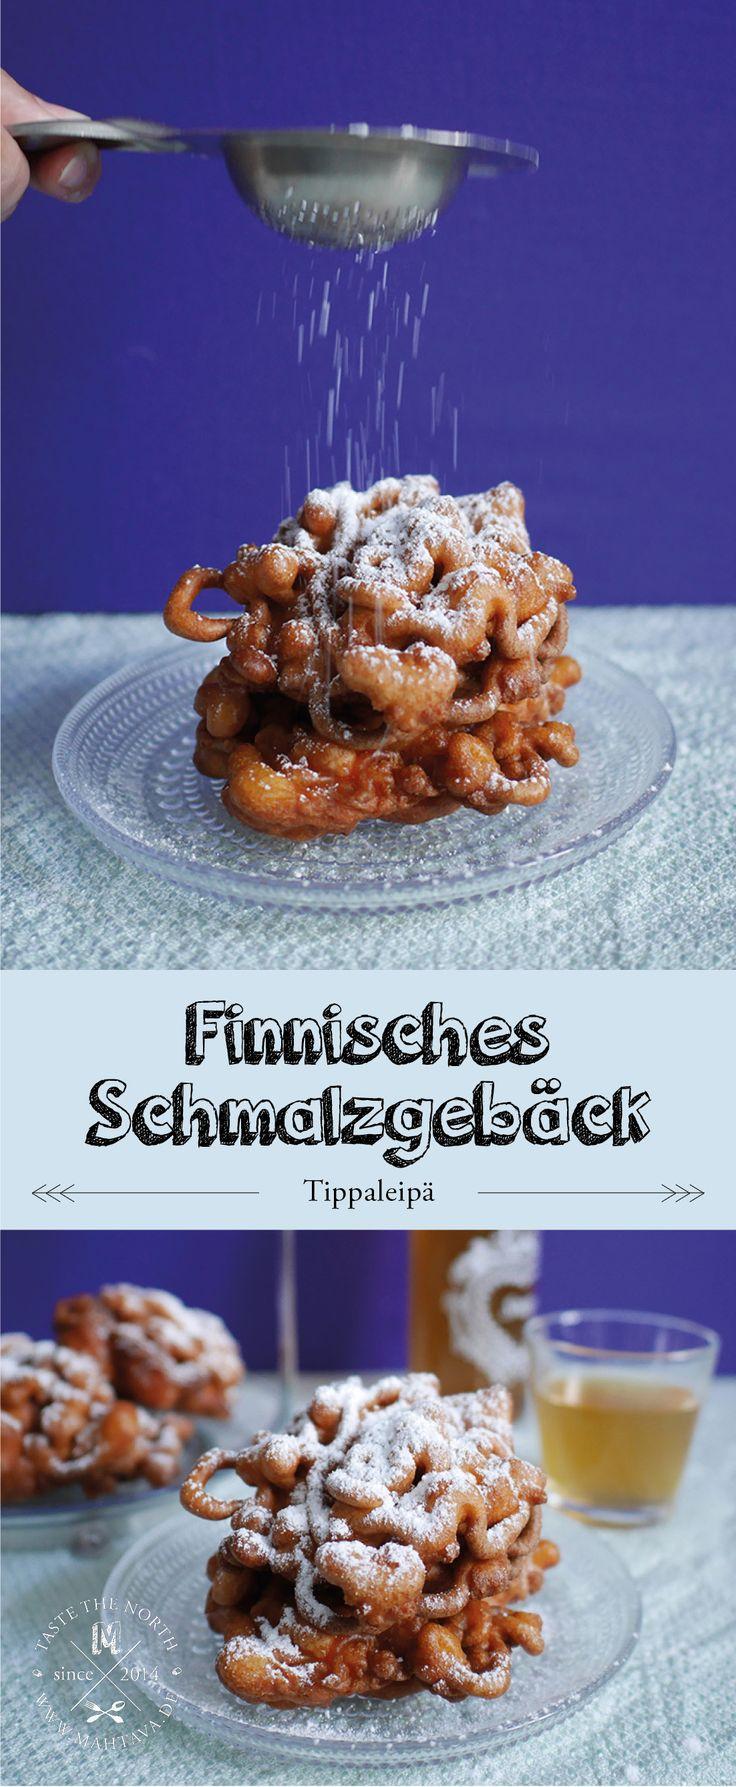 Finnische Küche: Tippaleipä I frittiertes Schmalzgebäck Hauskaa vappua!